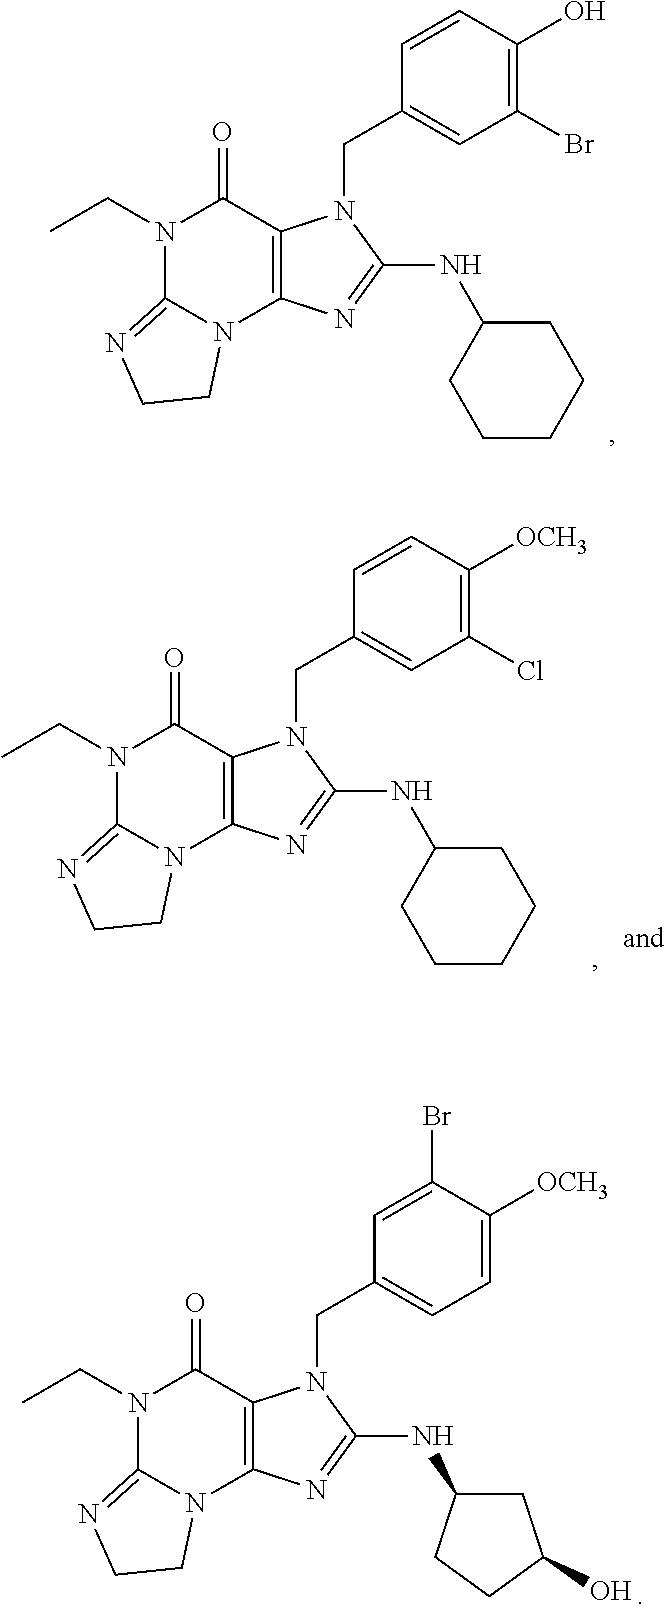 Figure US20110312978A1-20111222-C00026